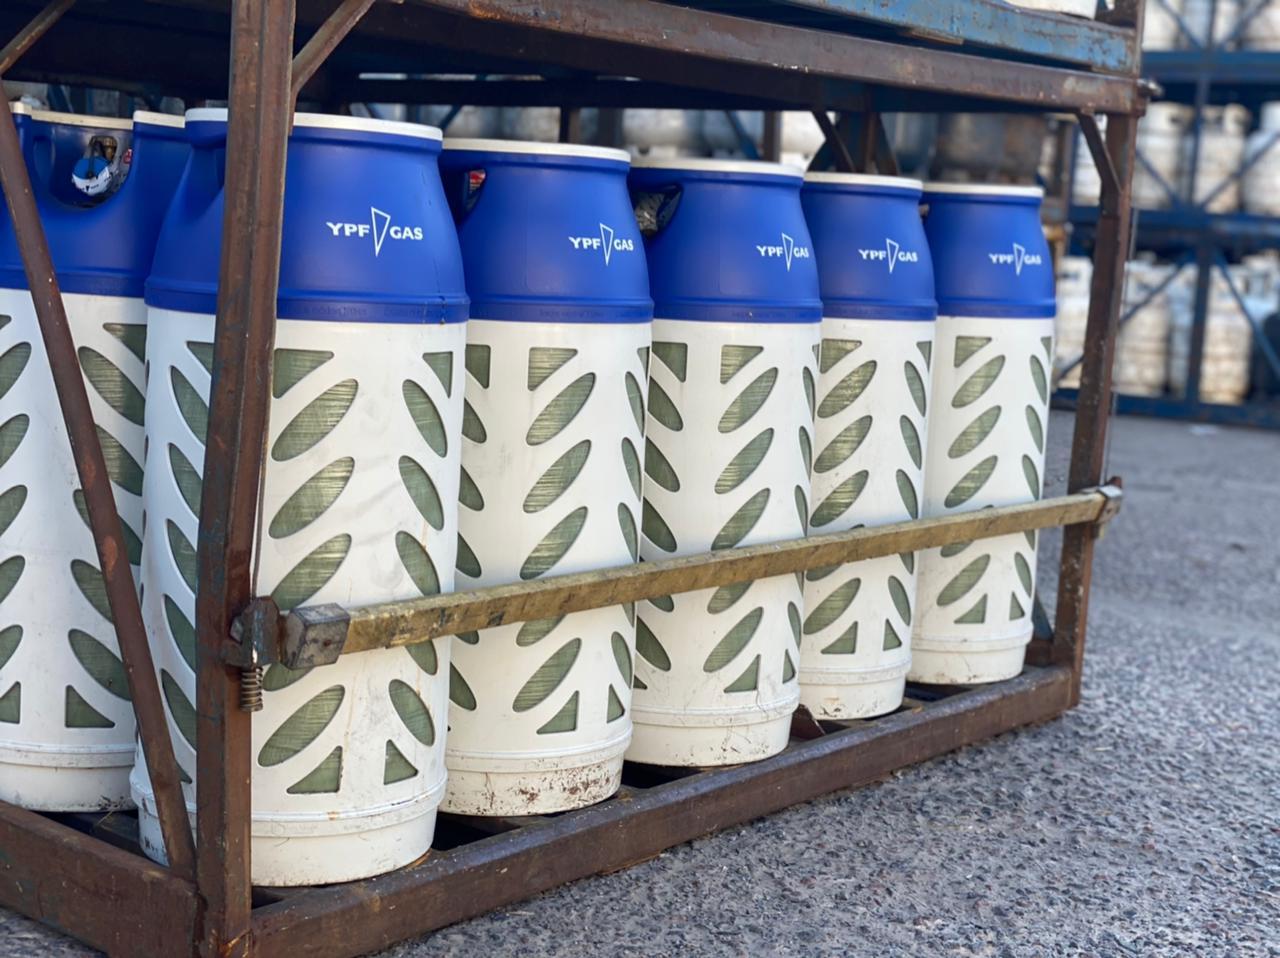 ¡Llegaron los envases livianos AM de 13,5 kg. para Autoelevador!